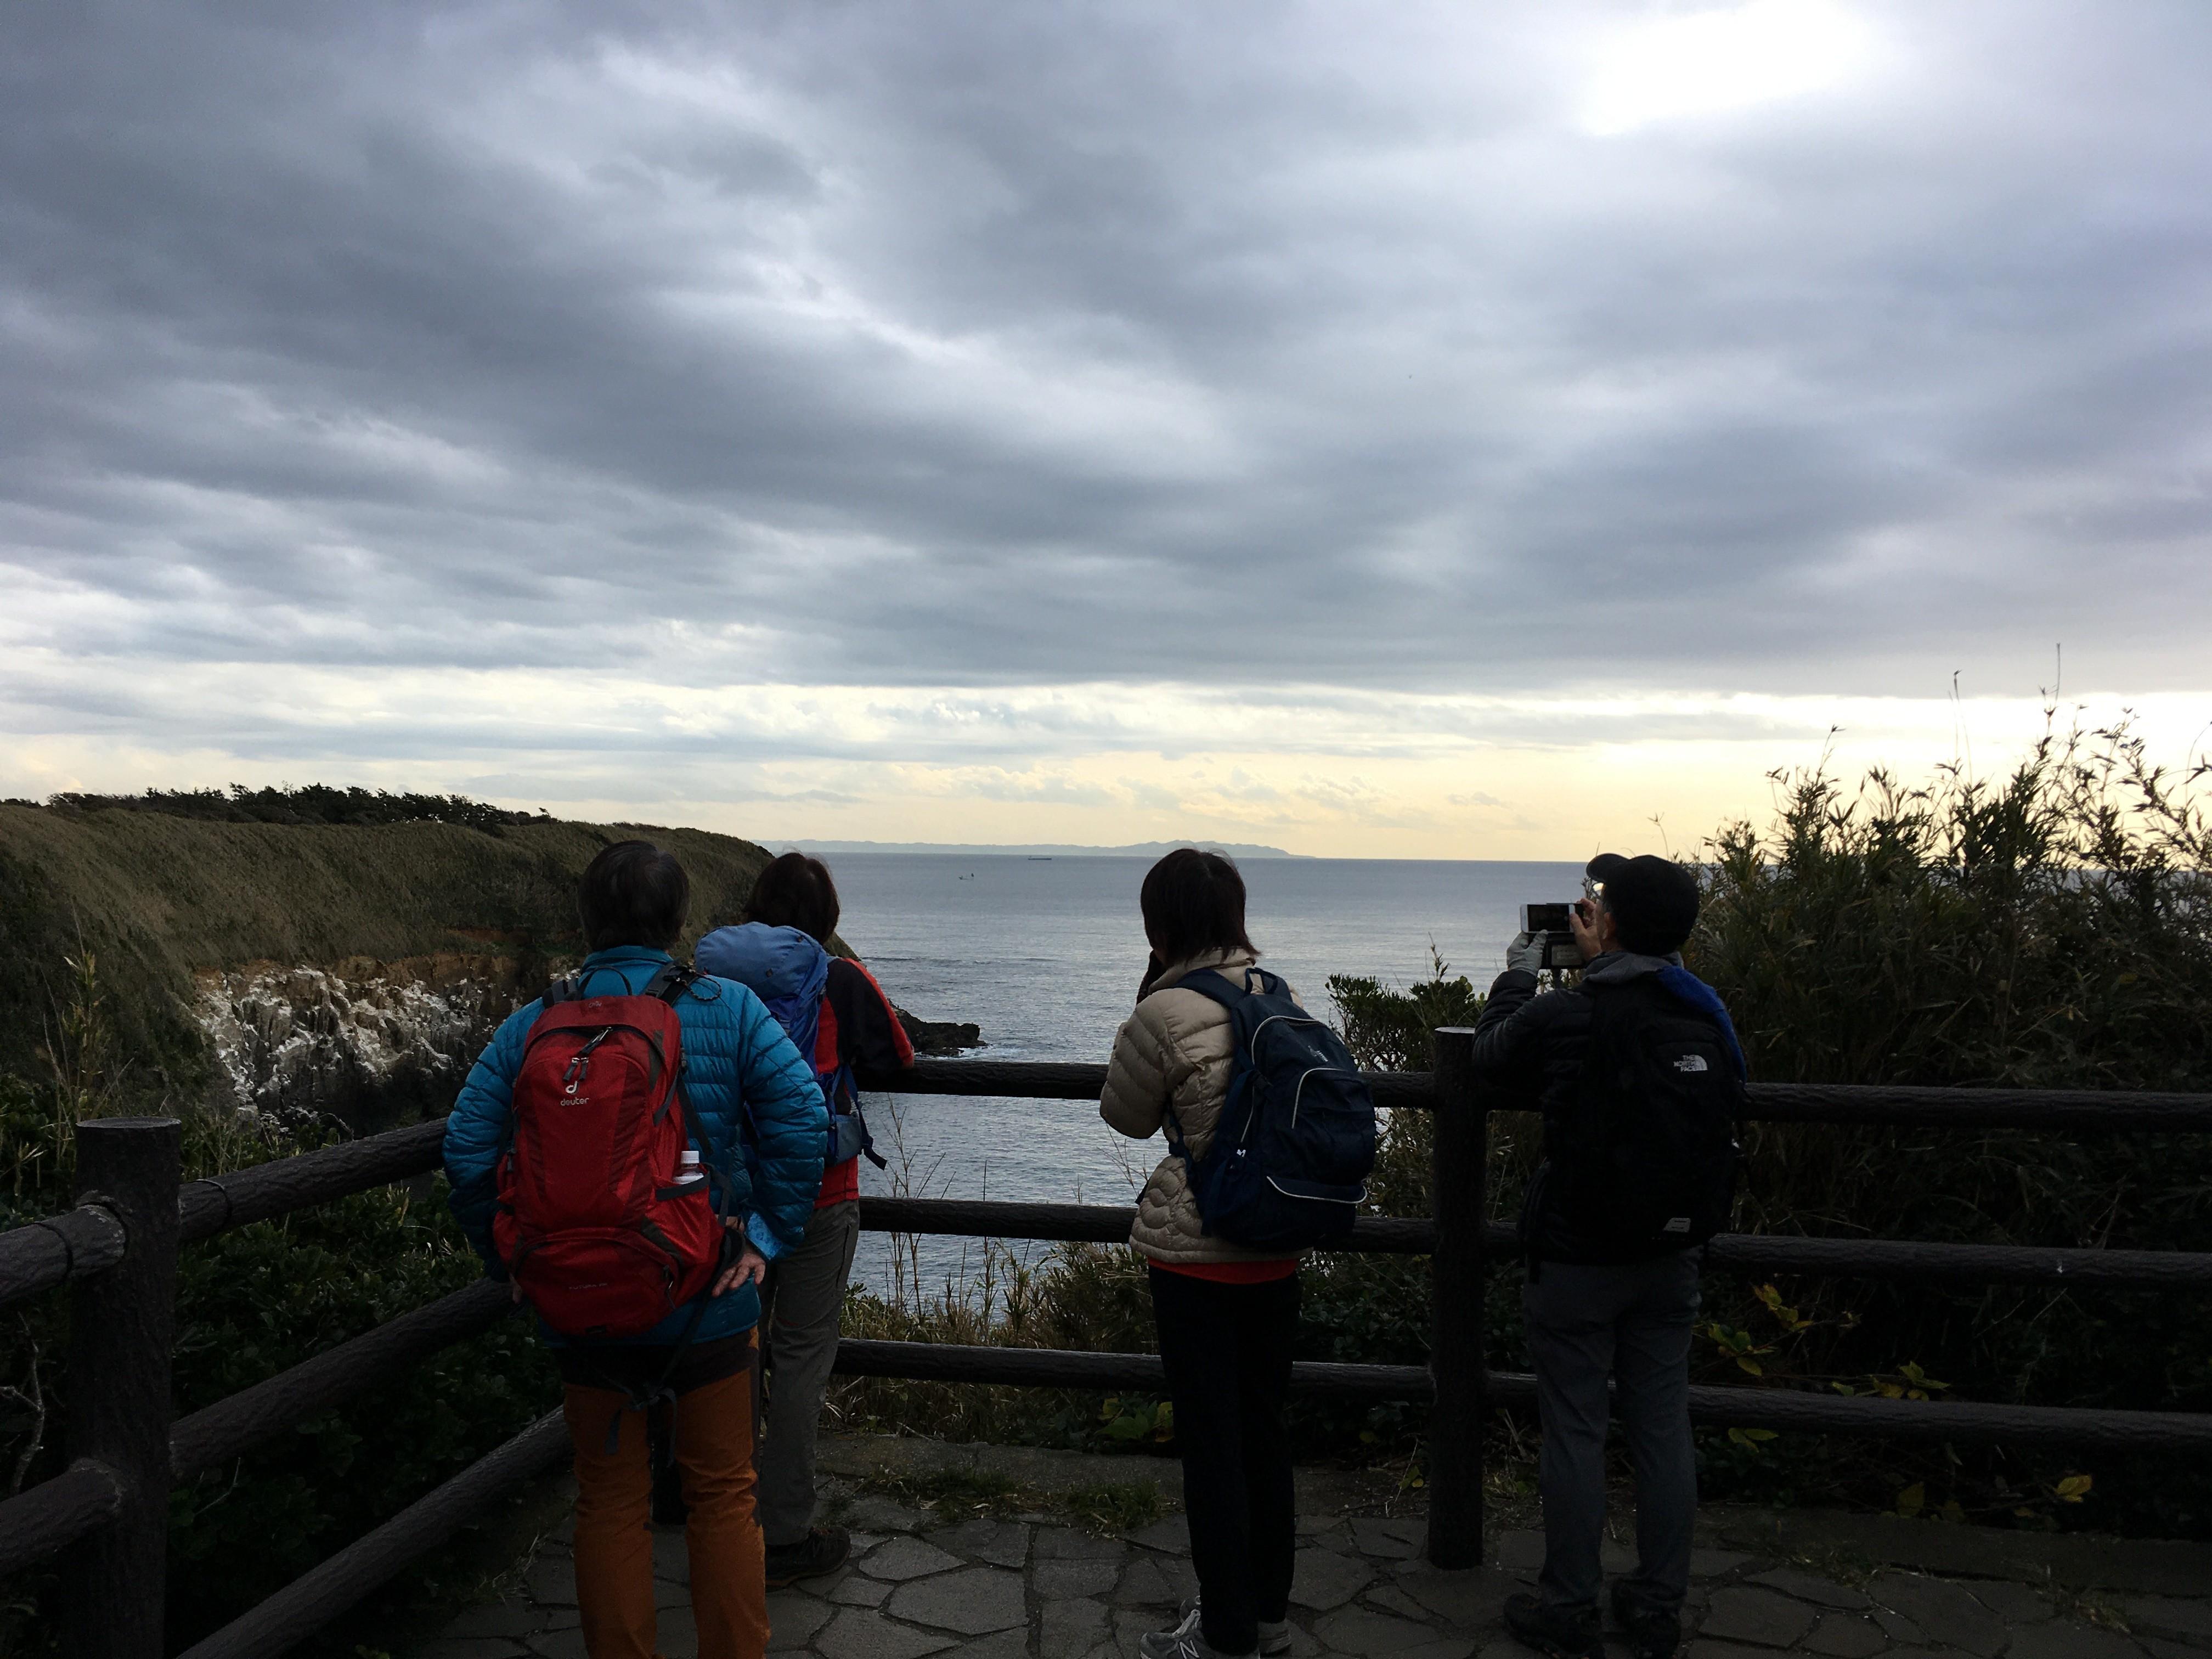 城ヶ島ハイキングコースウミウ展望台